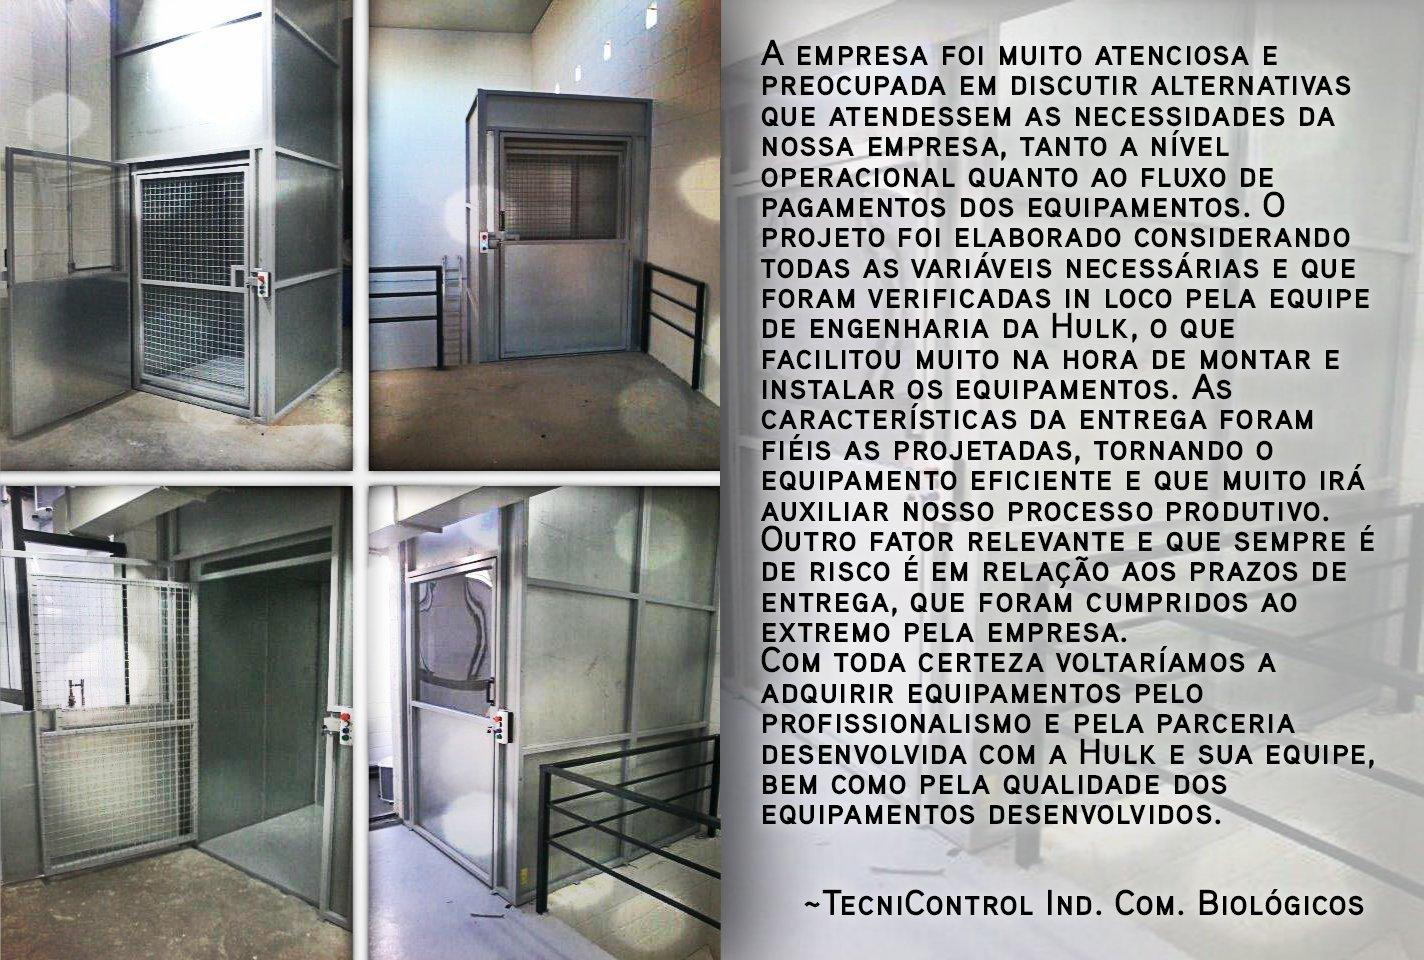 imagem-final-depoimento-tecnicontrol